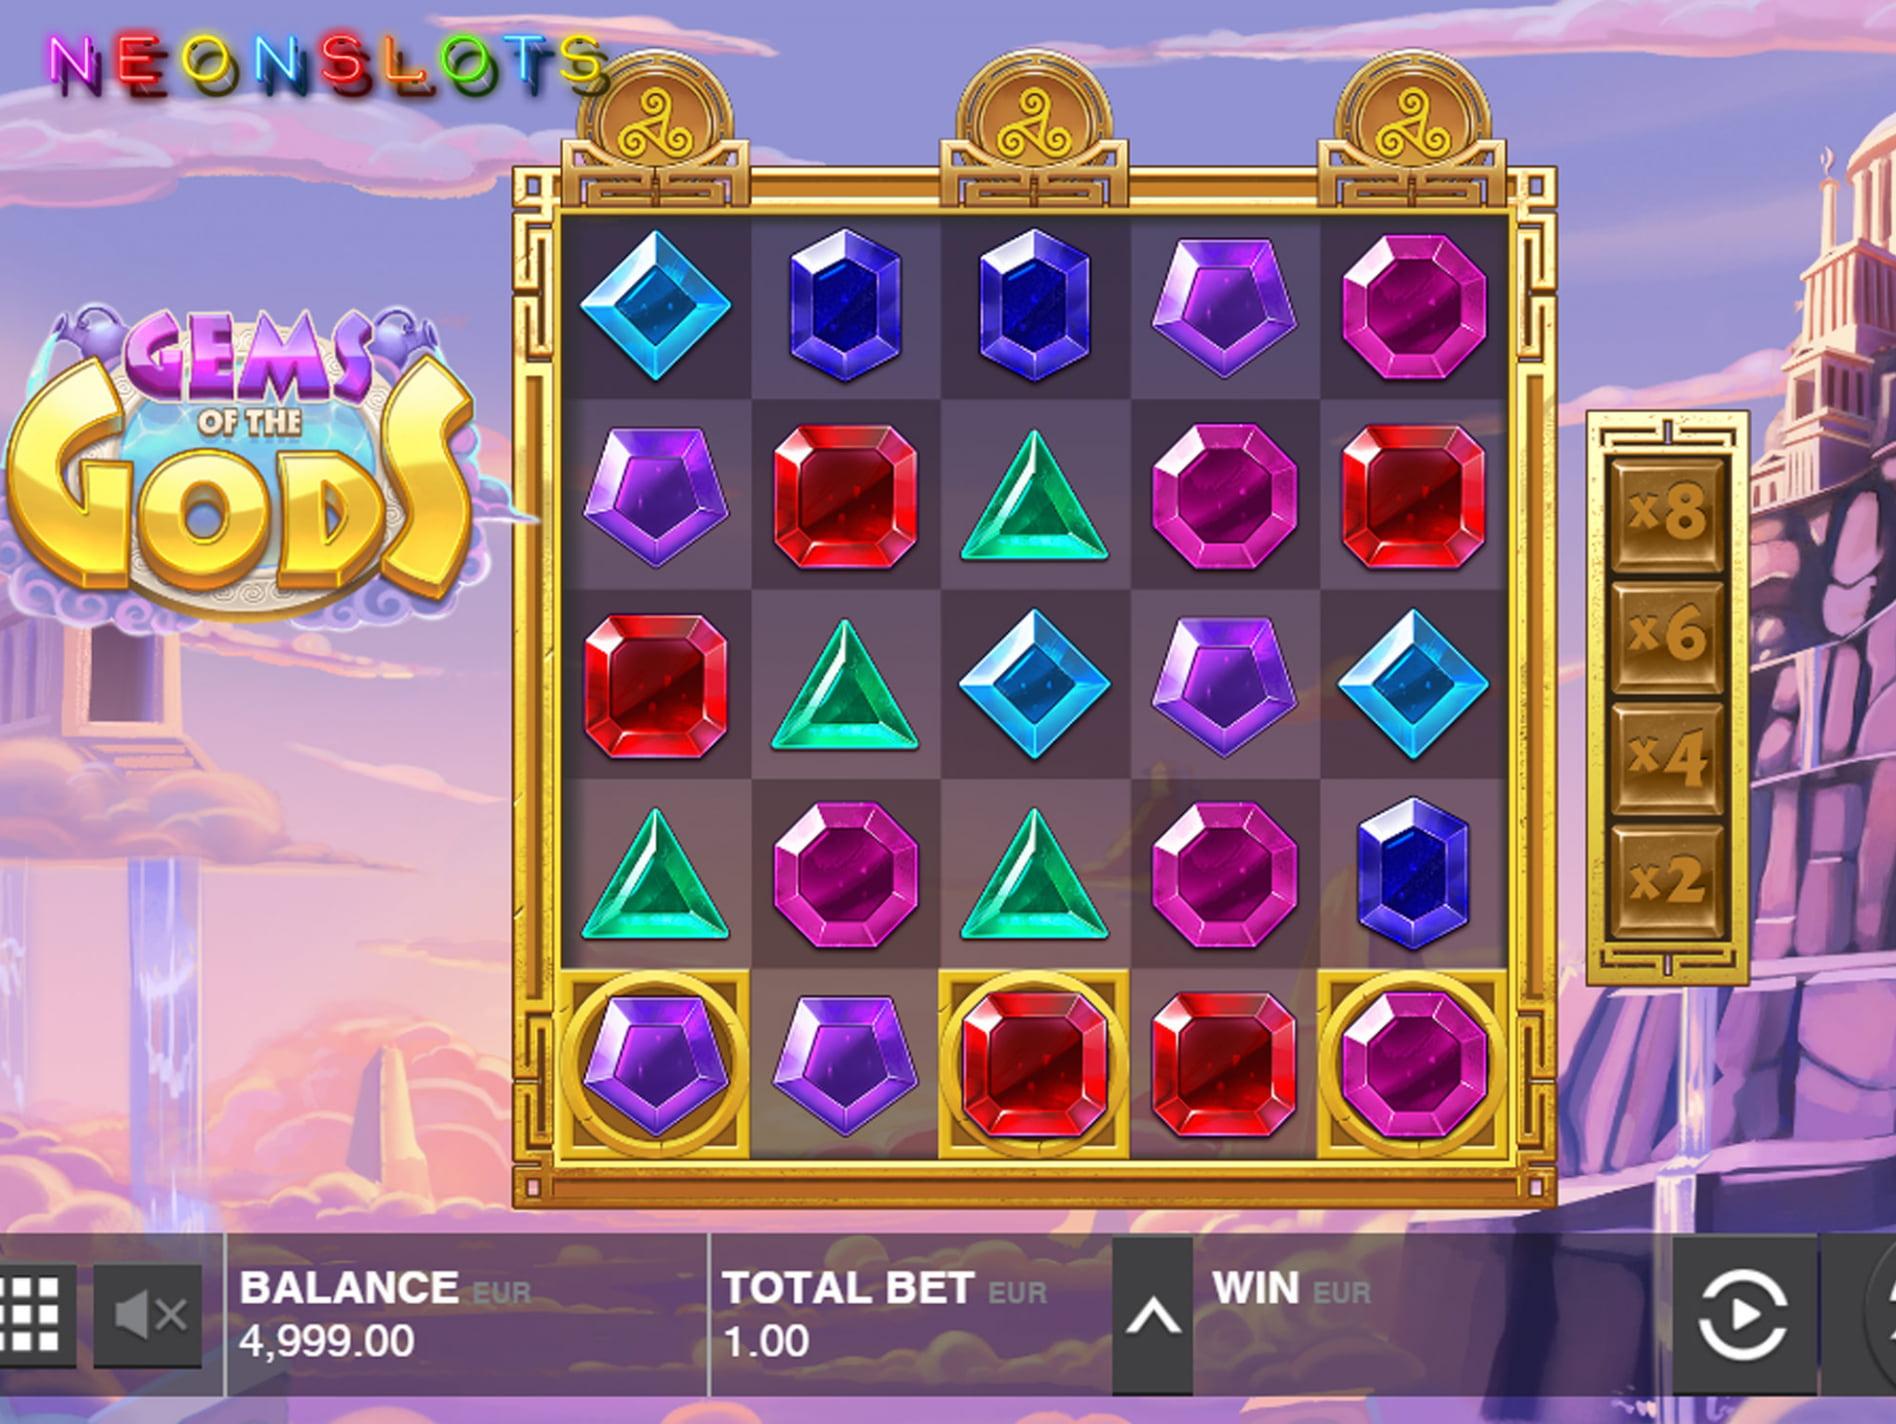 Jugar tragamonedas gratis y ganar dinero opiniones de la tragaperra Desayuno 564038